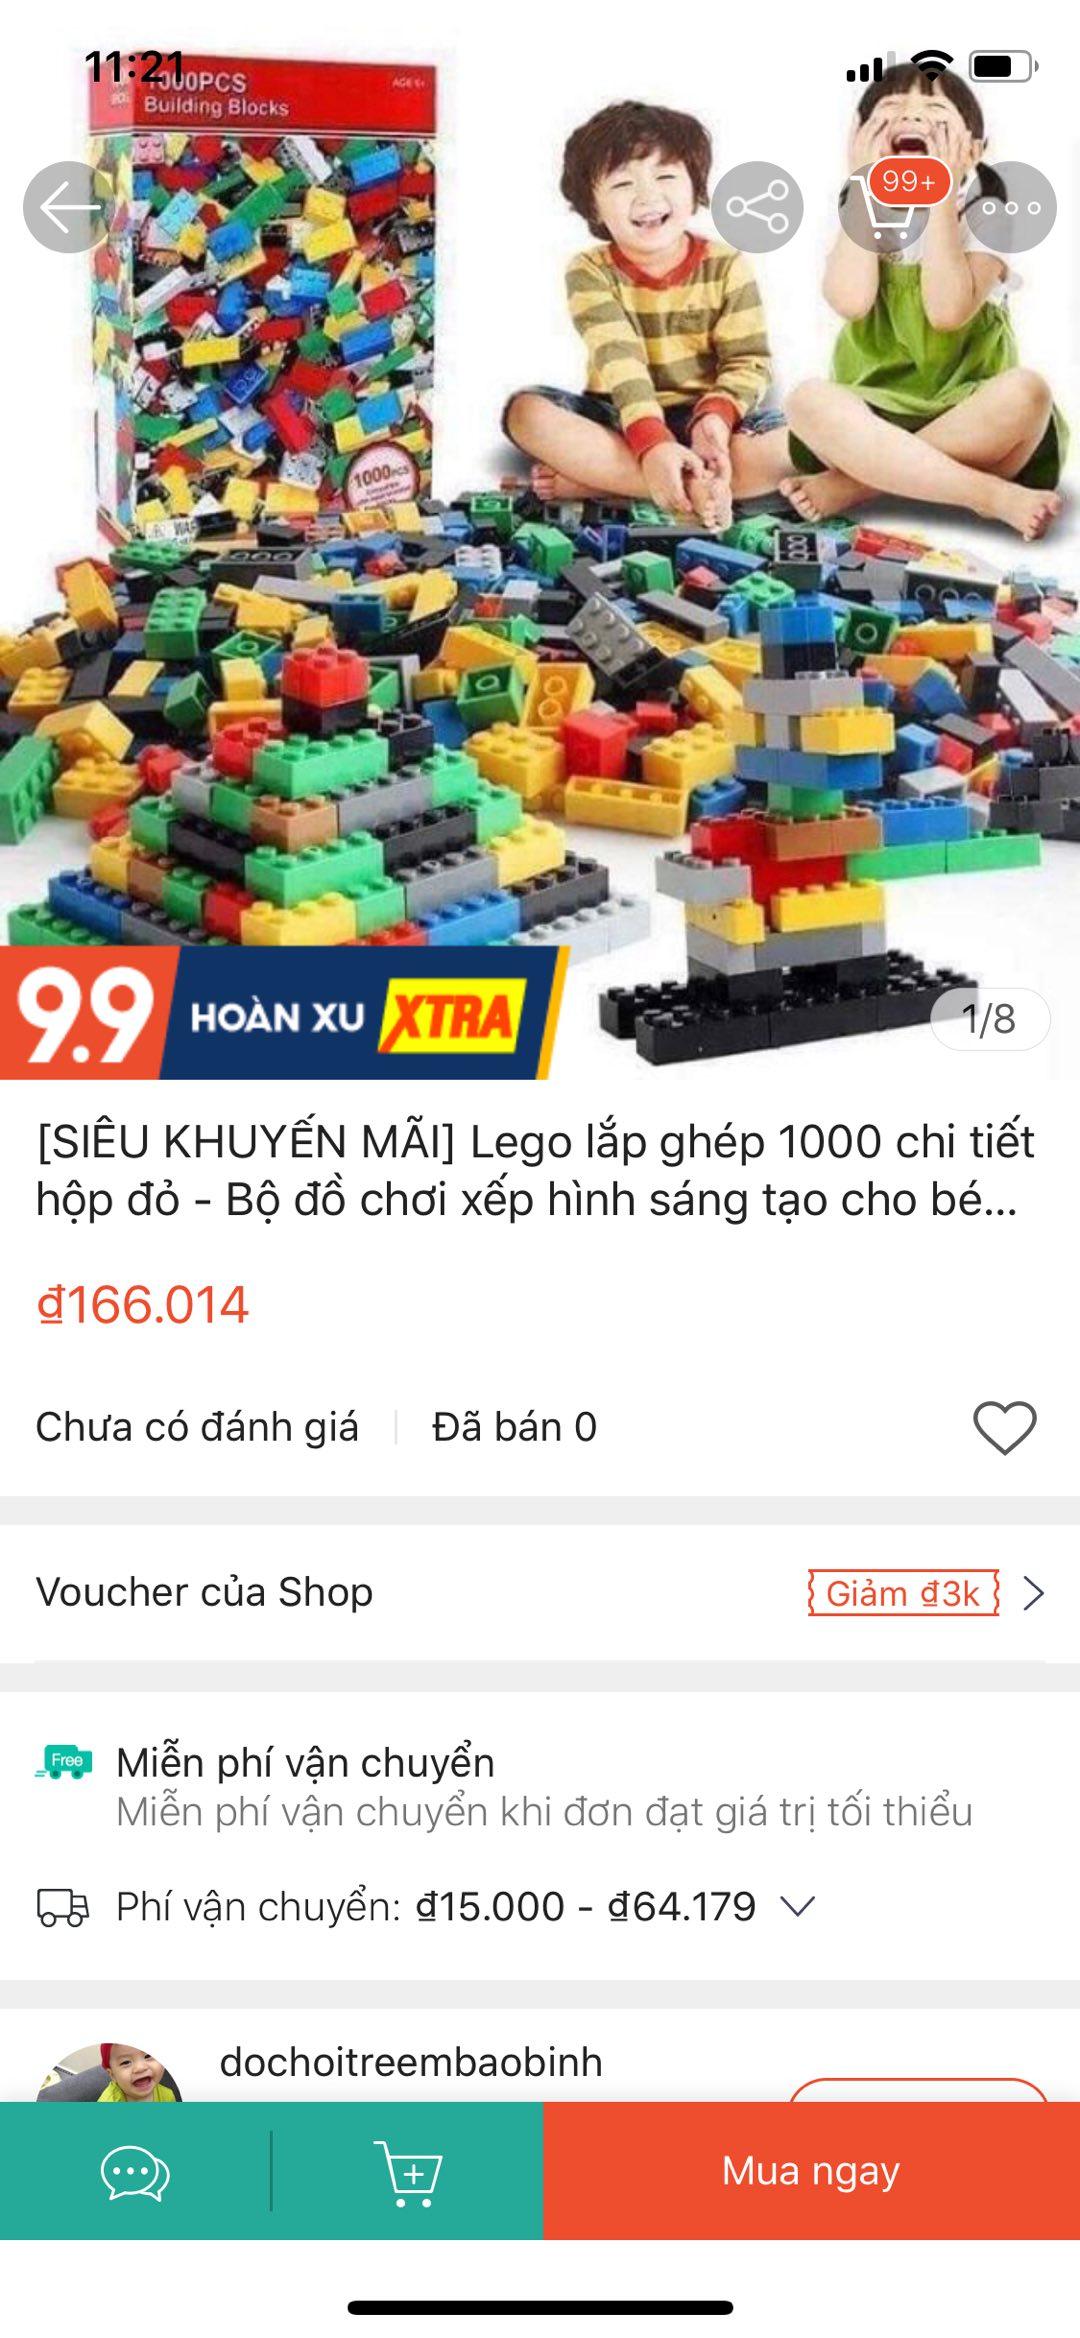 SIÊU KHUYẾN MÃI] Lego lắp ghép 1000 chi tiết hộp đỏ - Bộ đồ chơi xếp hình  sáng tạo cho bé trai và bé gái mẫu mới